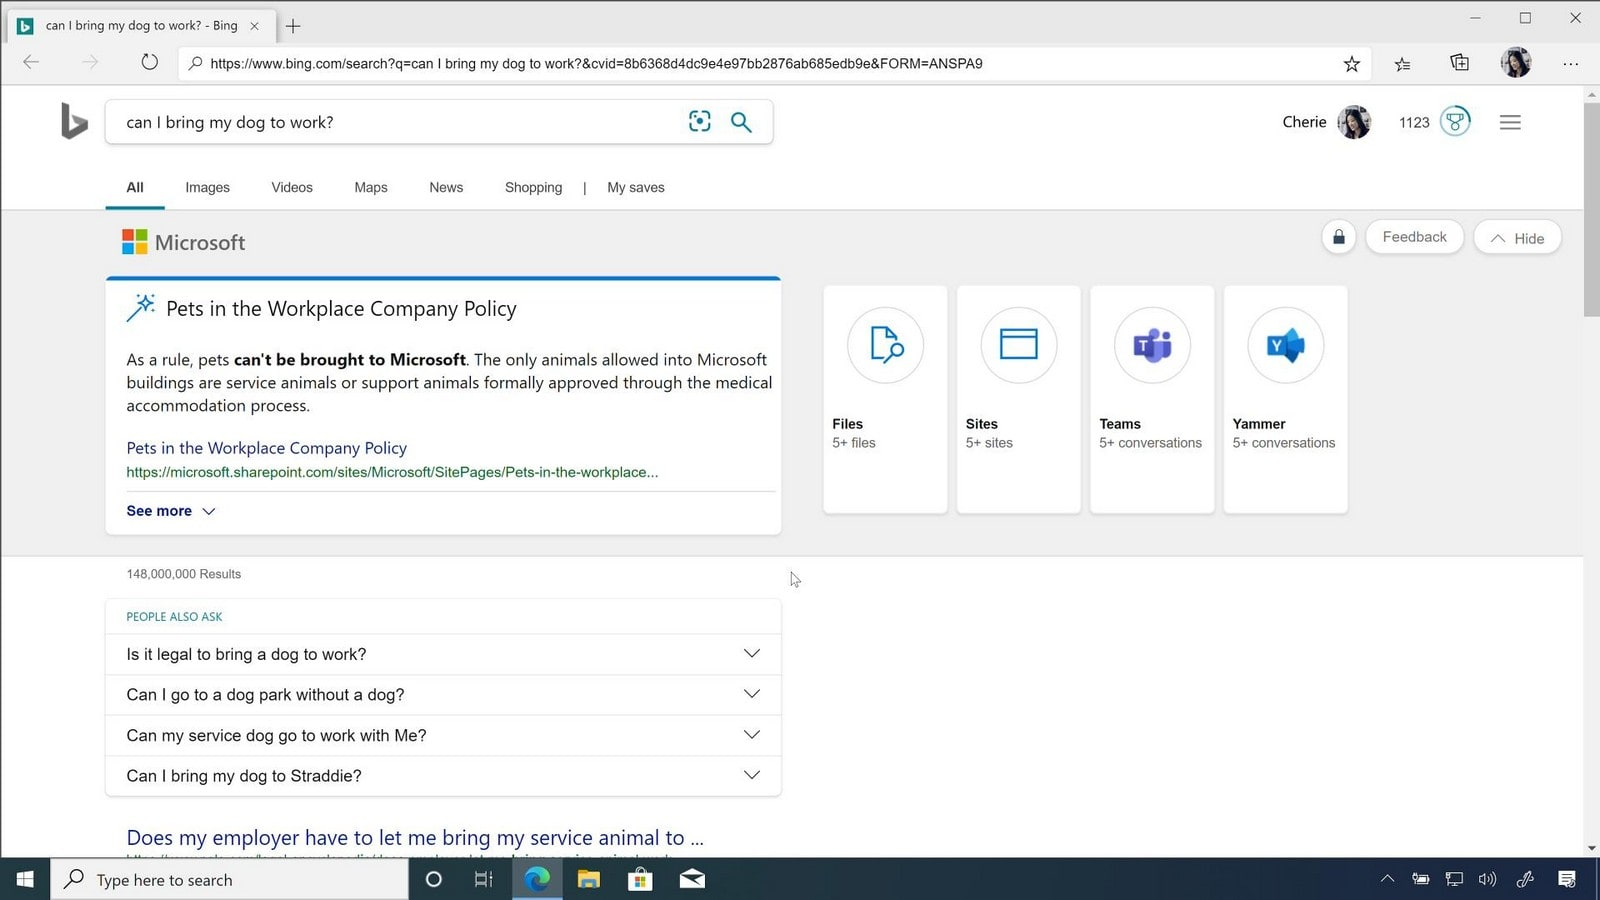 Chromium Edge and Bing